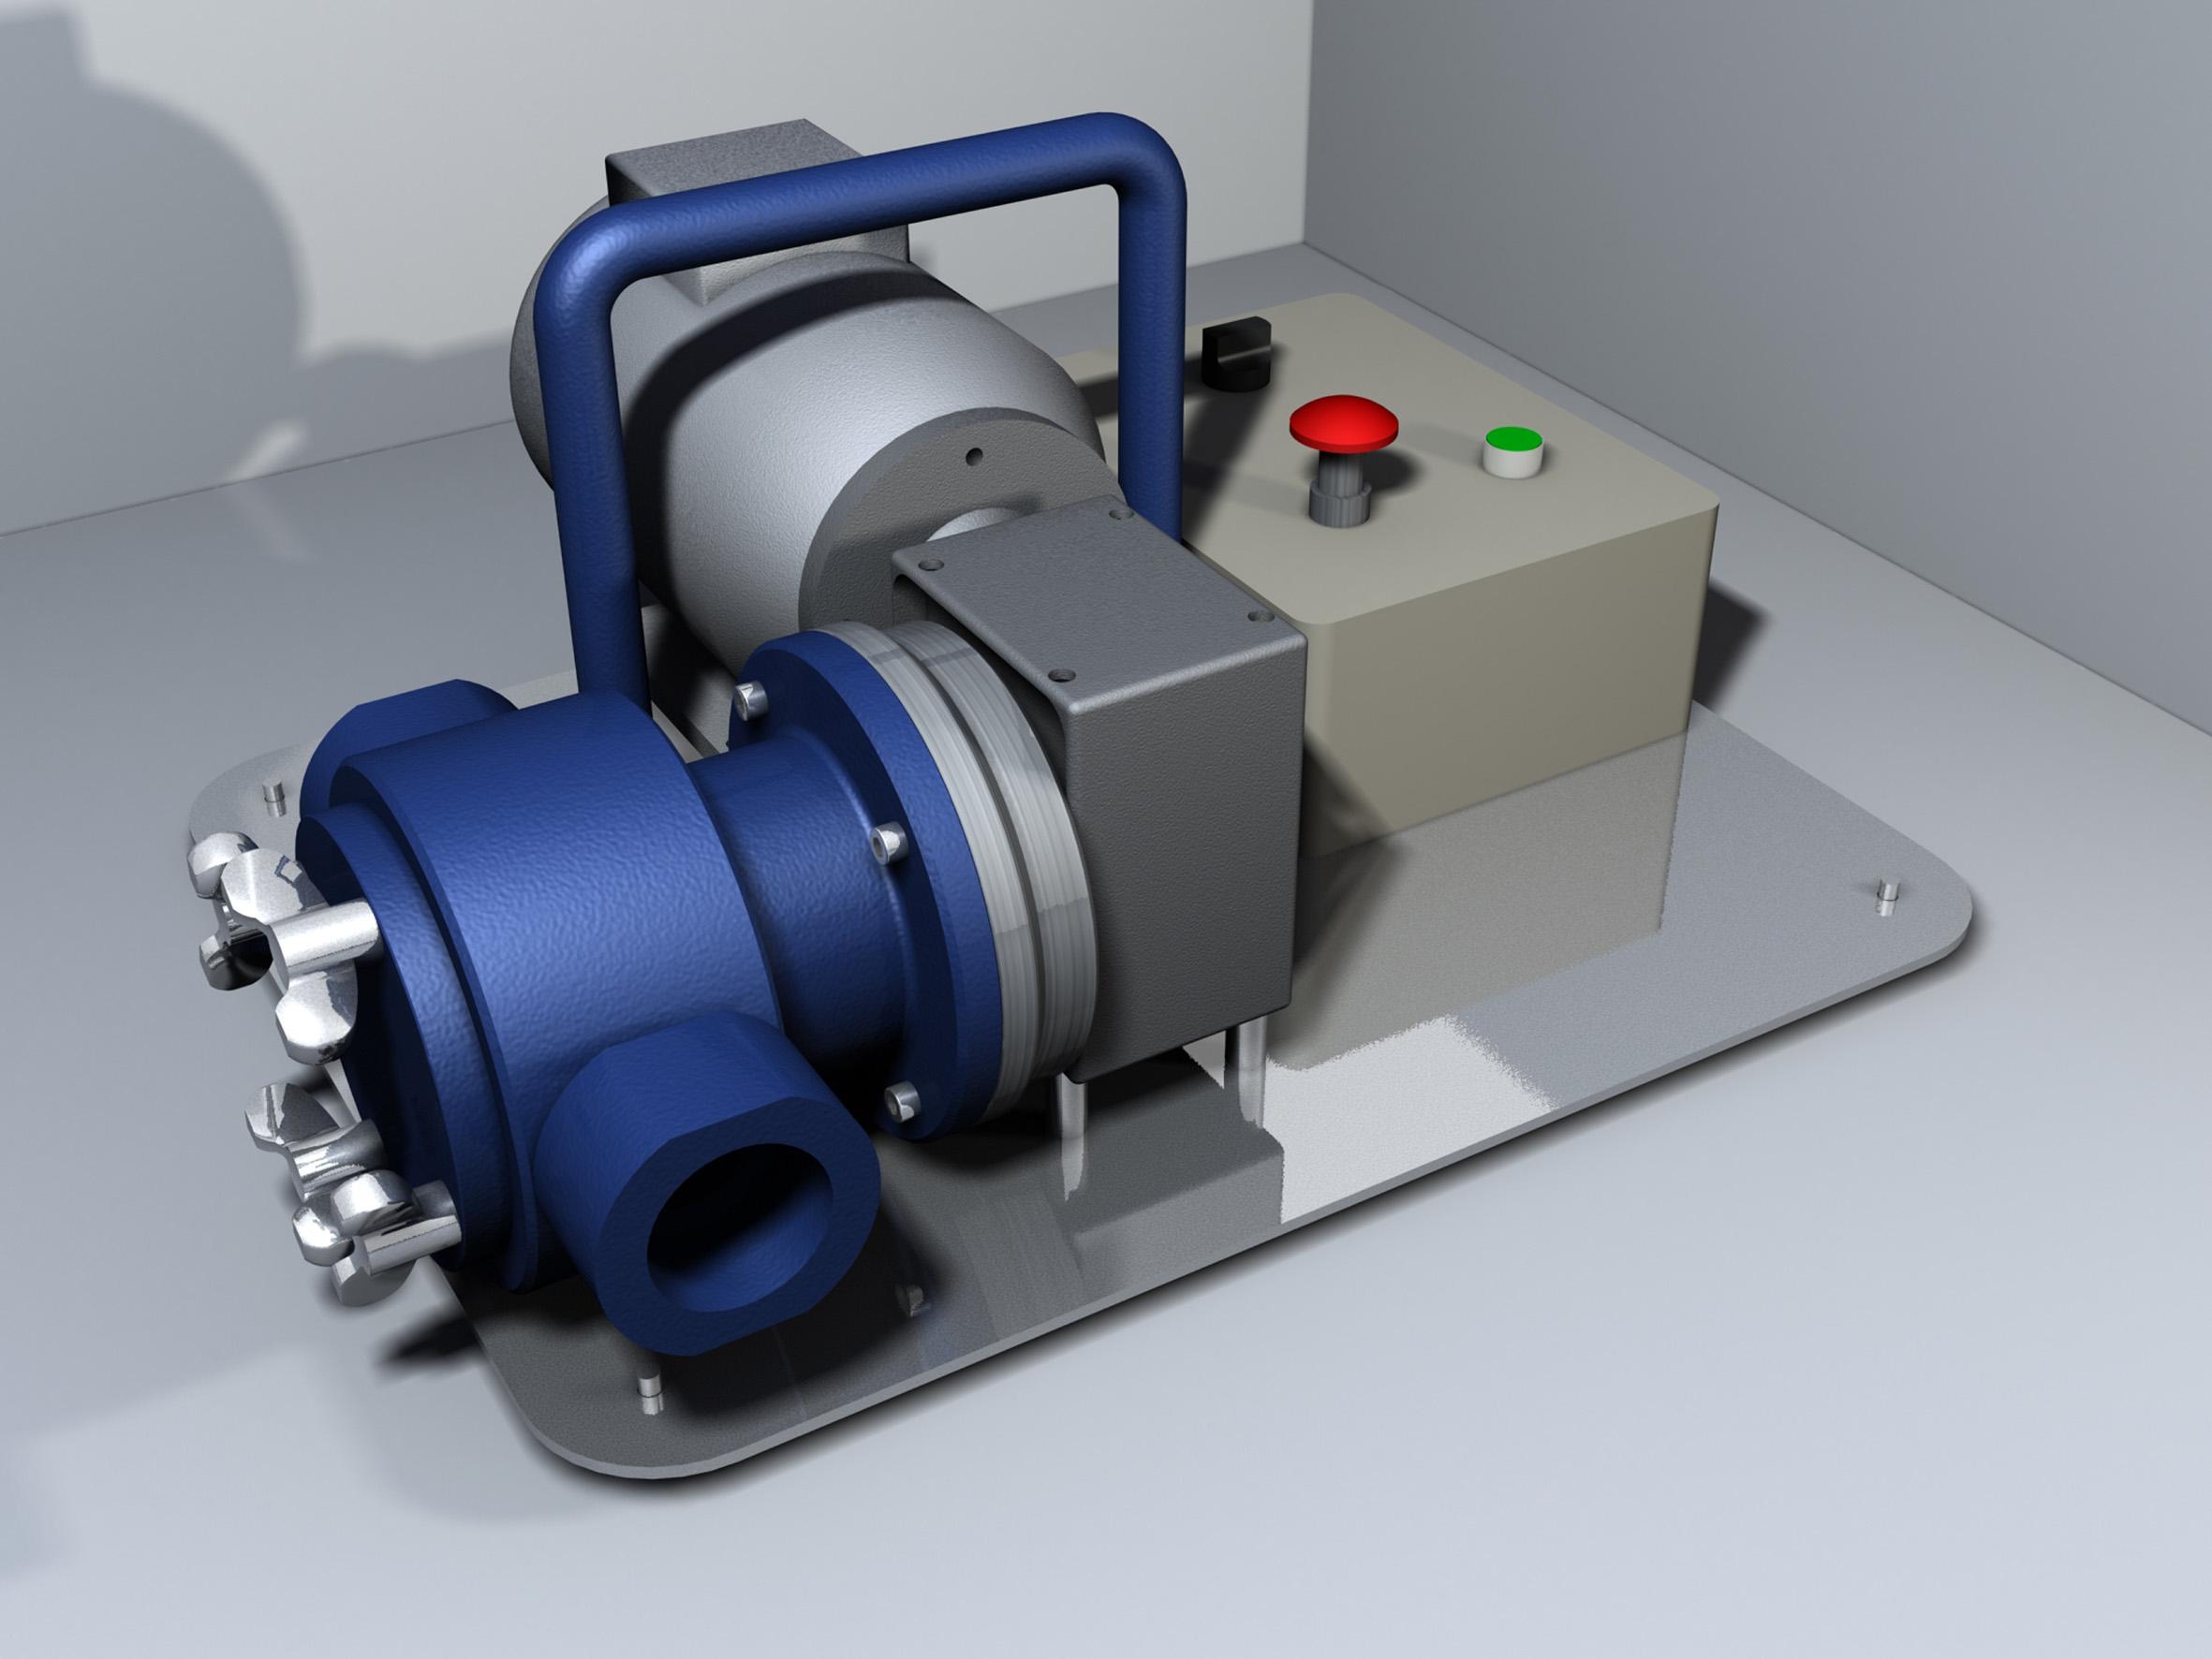 Pompe de excellent la pompe de nol provence recette de la for Nettoyage puisard garage